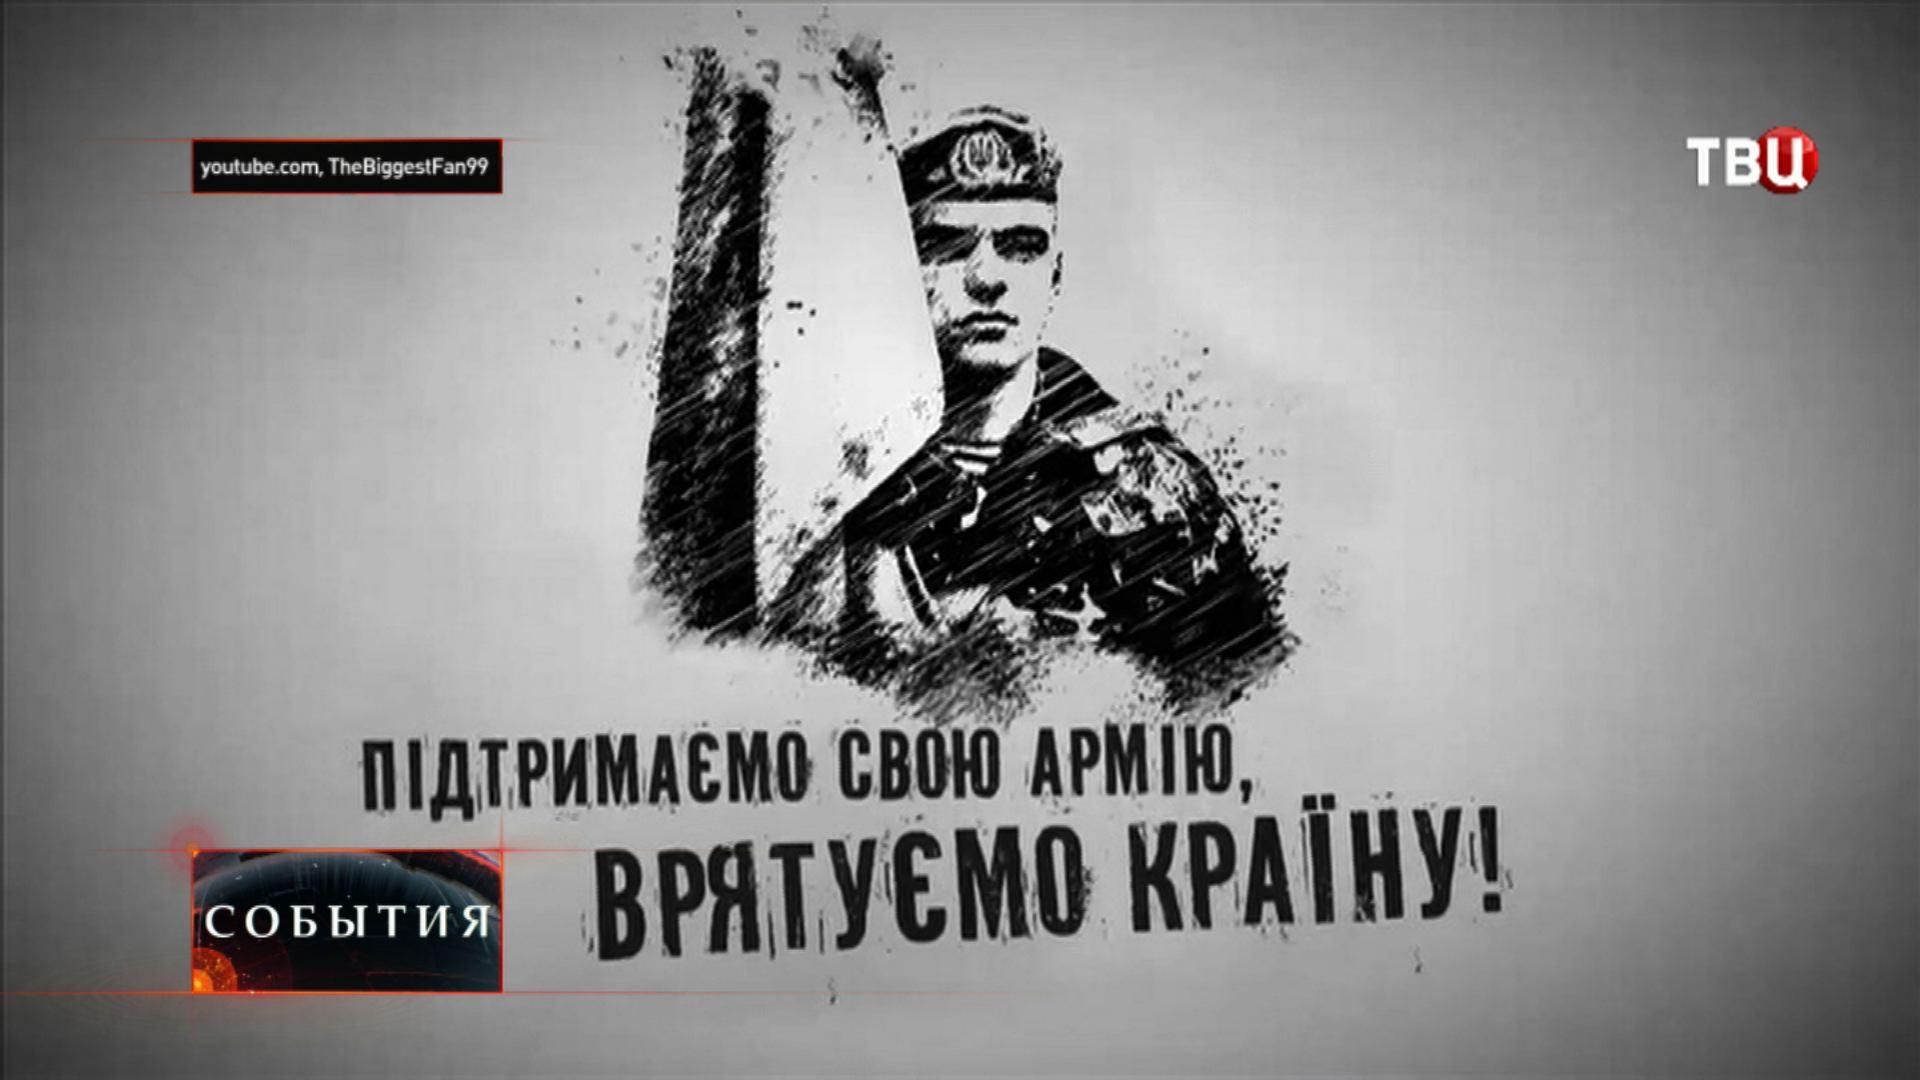 Агитационный ролик в поддержку украинской армии